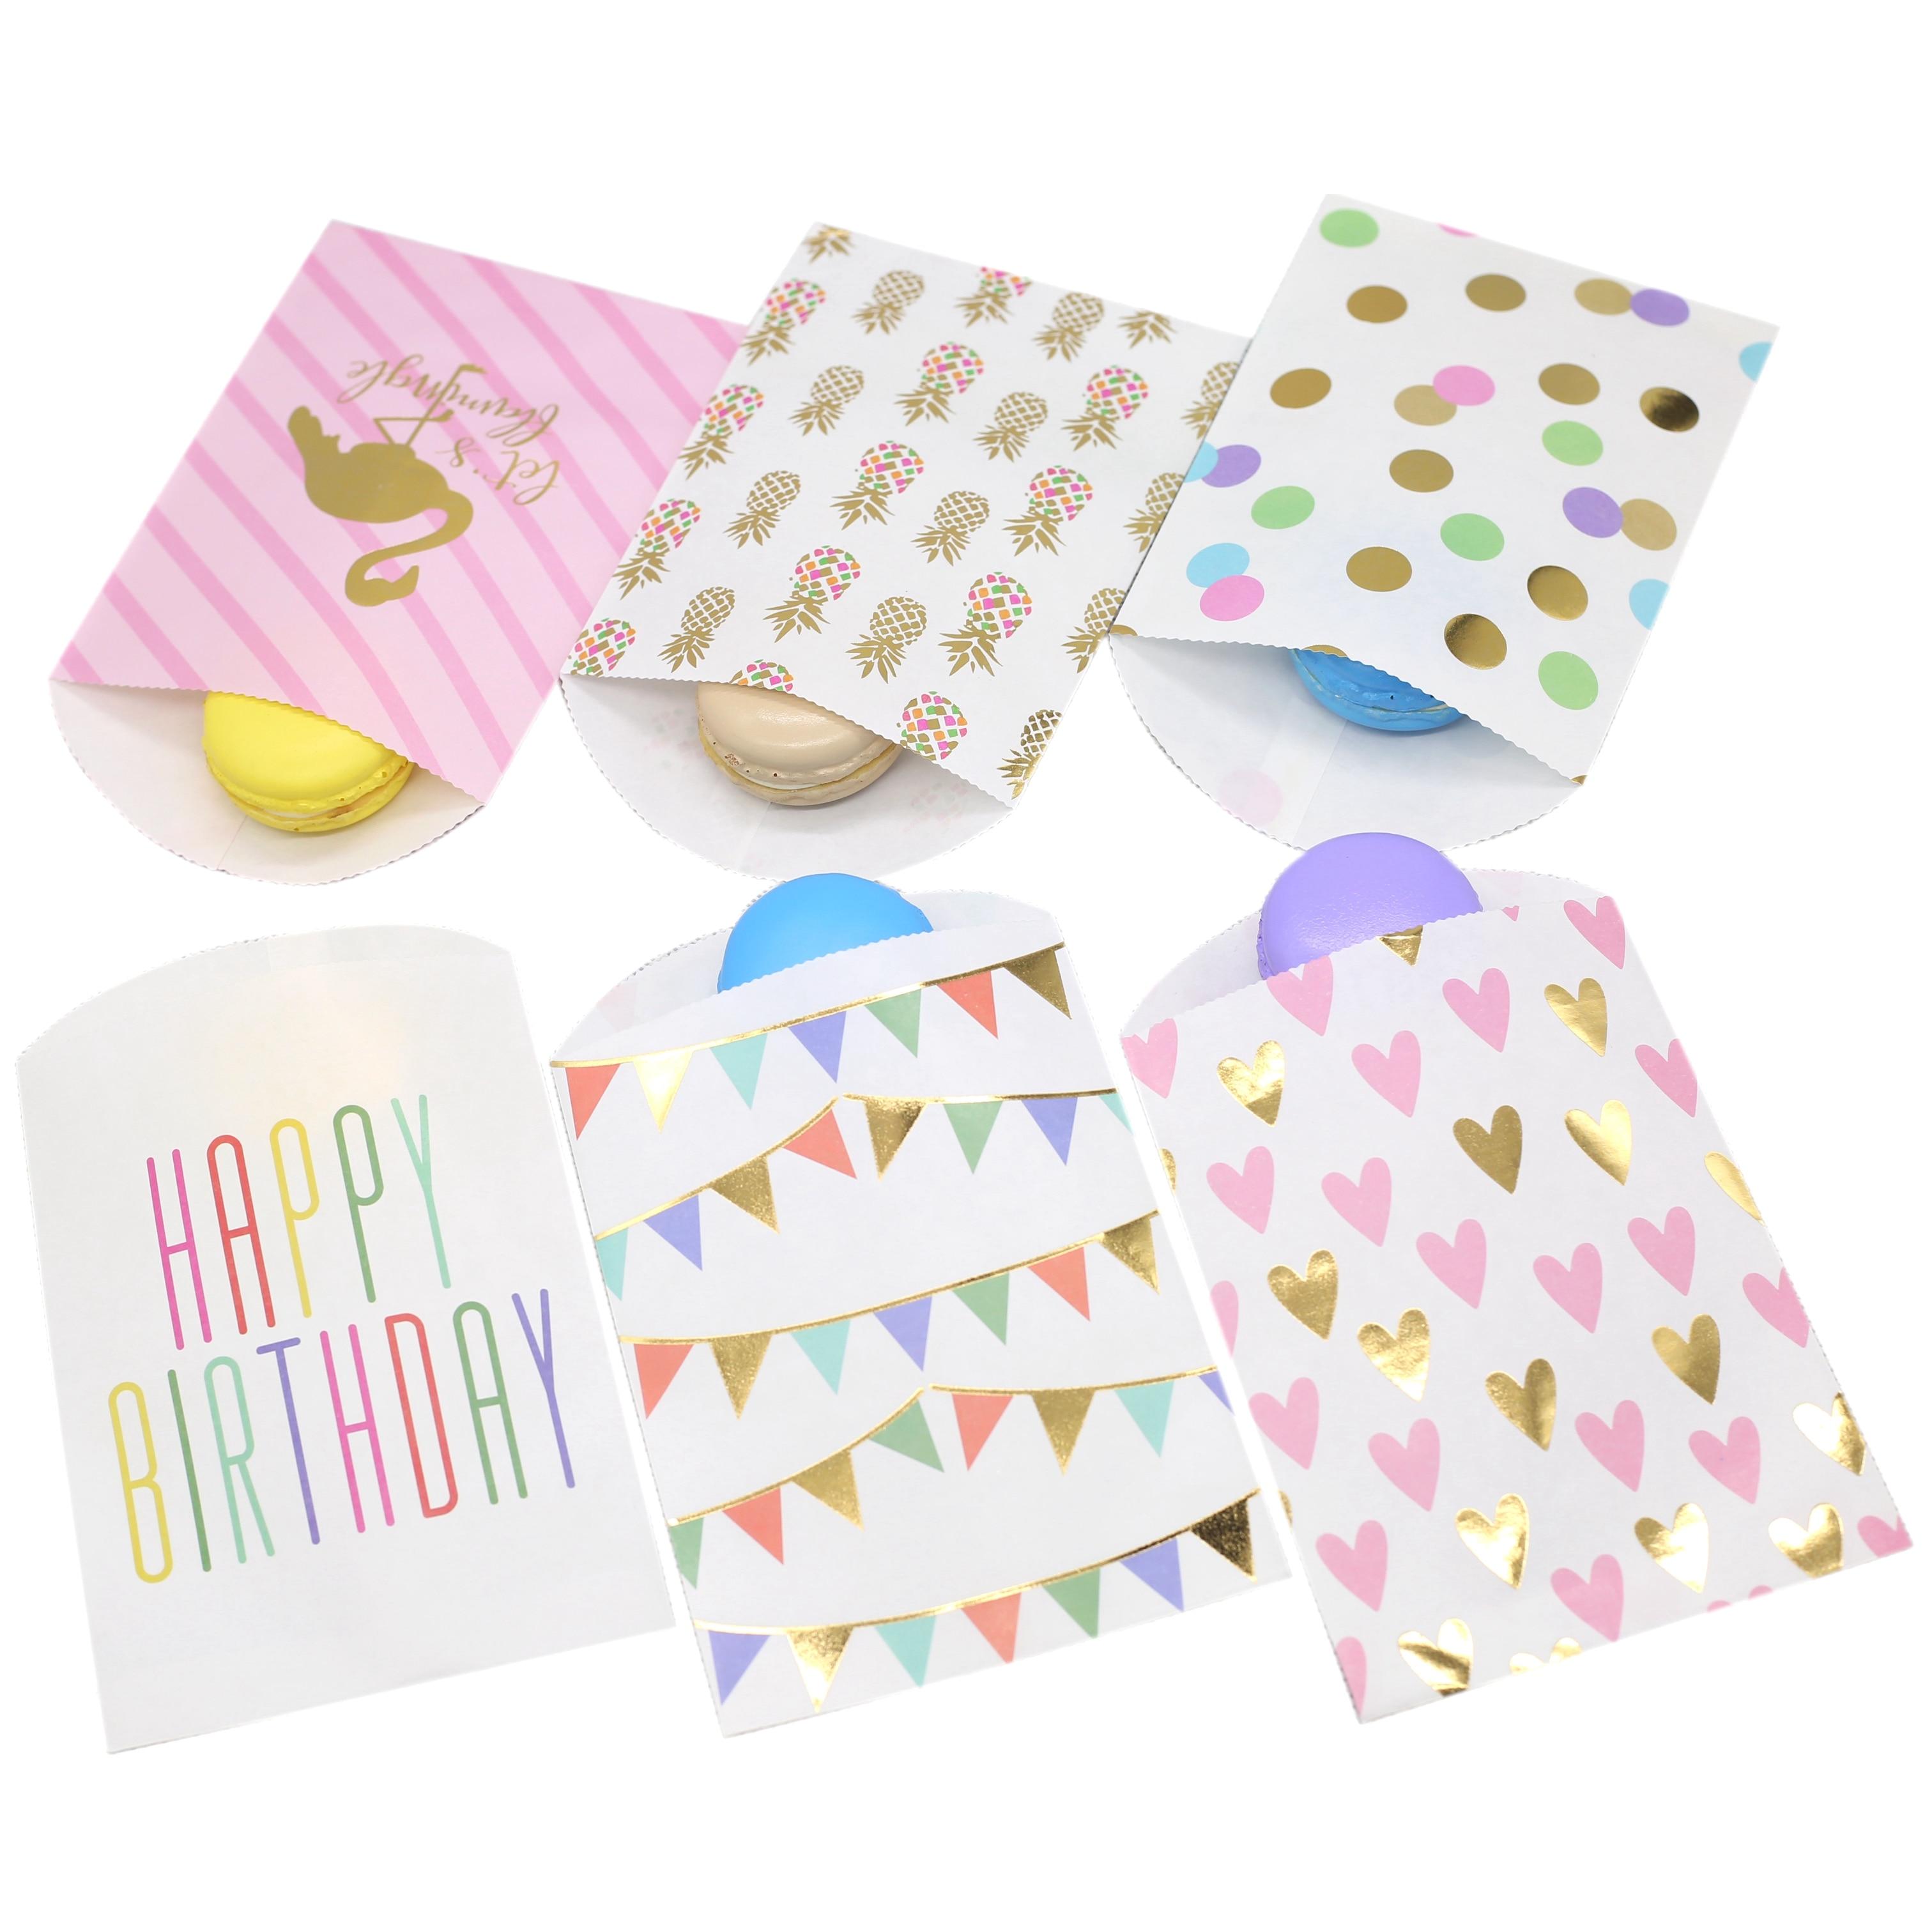 Бумажные пакеты для подарков, бумажные пакеты для подарков на свадьбу, свадьбу, день рождения, годовщину, 10 шт./лот